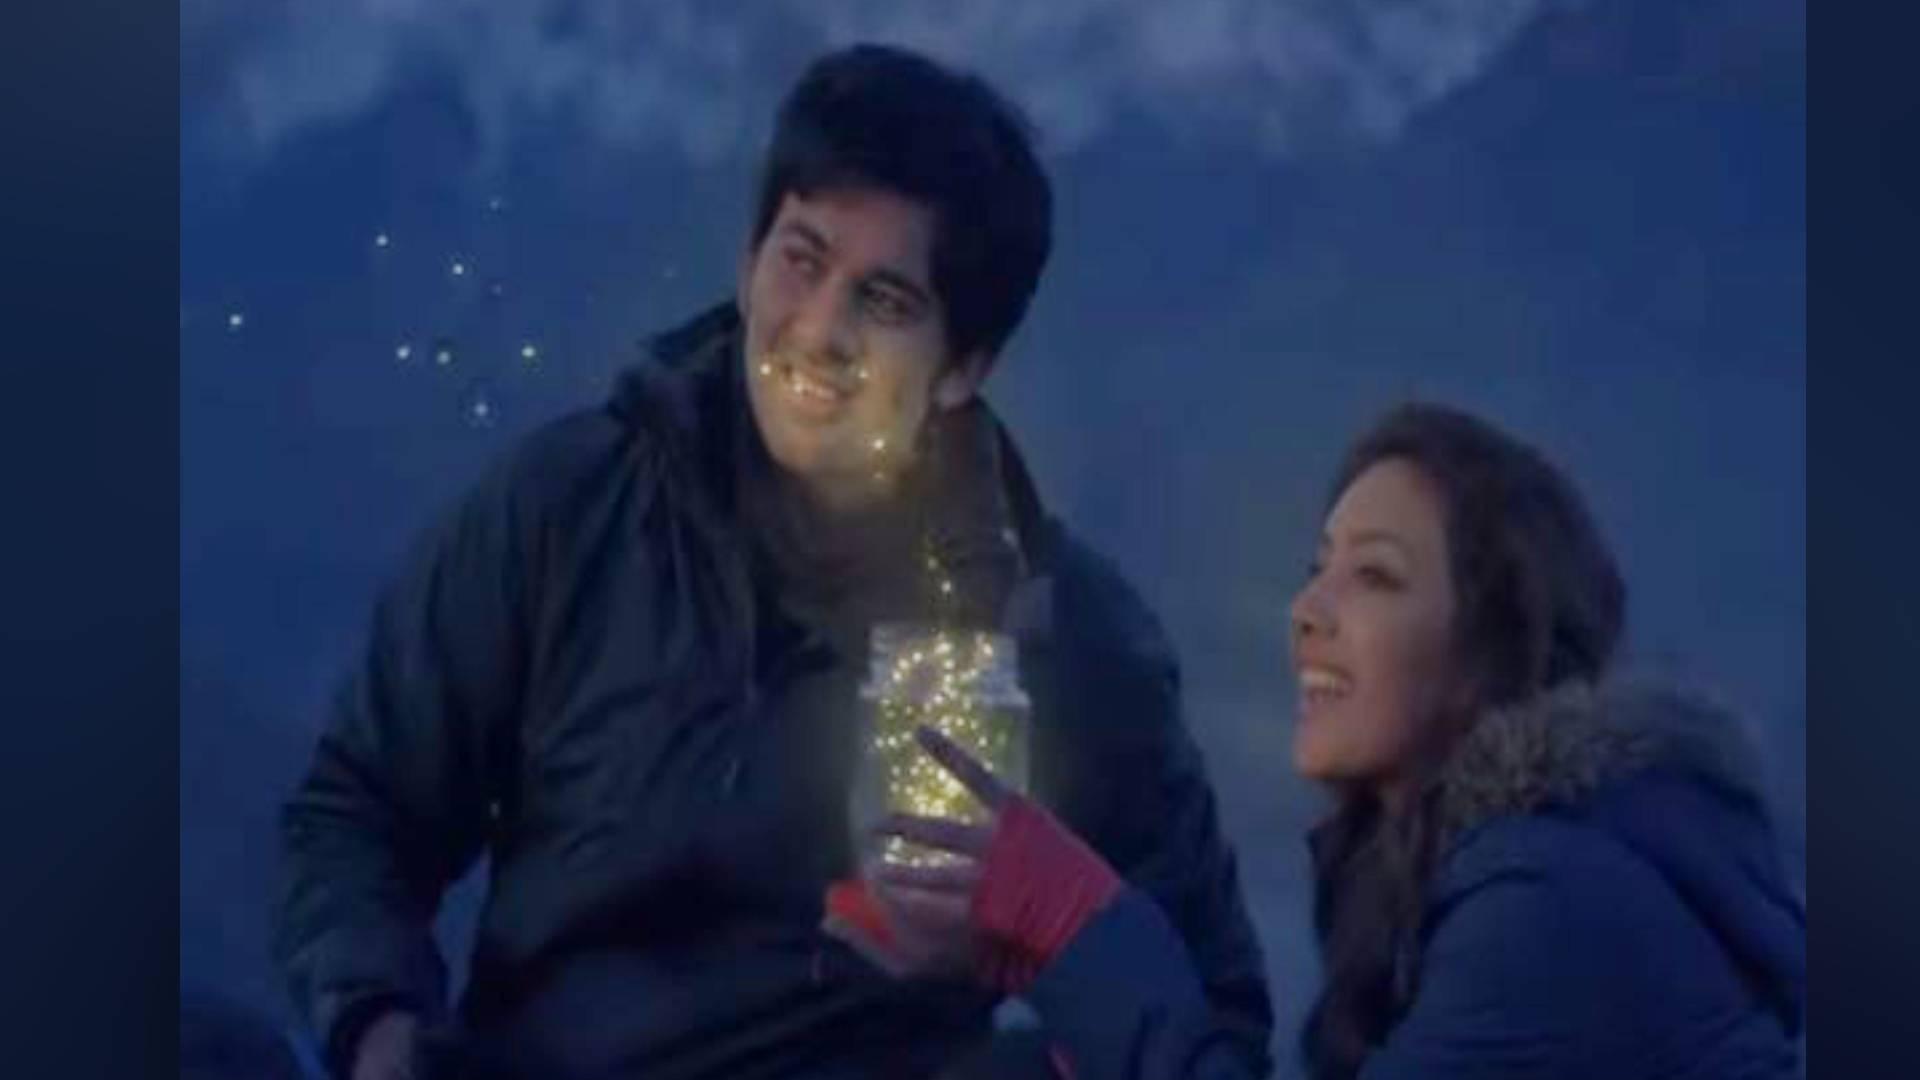 Pal Pal Dil Ke Paas Teaser: करण देओल की पहली फिल्म का टीजर लॉन्च, खूबसूरत वादियों में सहर बांबा संग किया इश्क